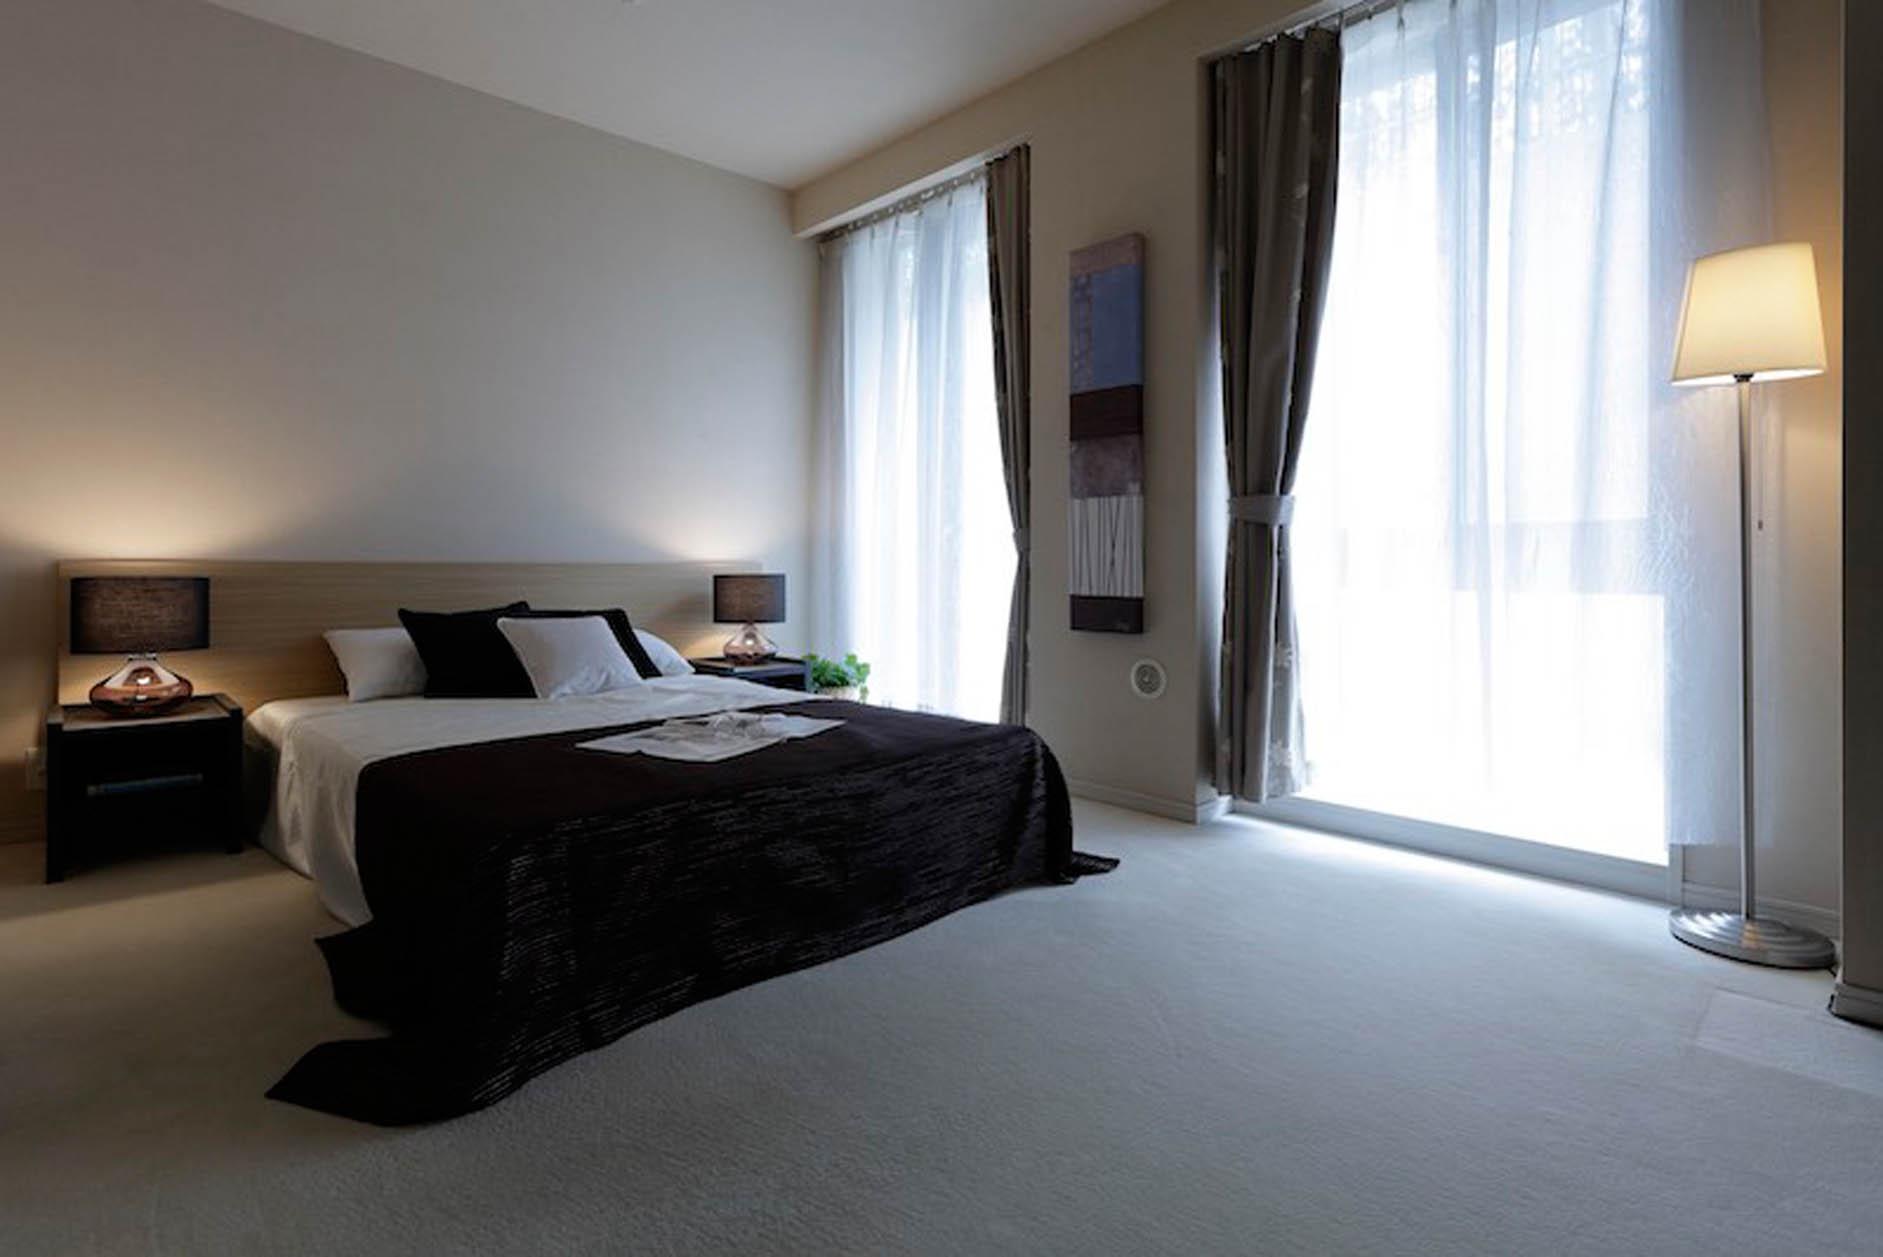 主寝室 イメージ